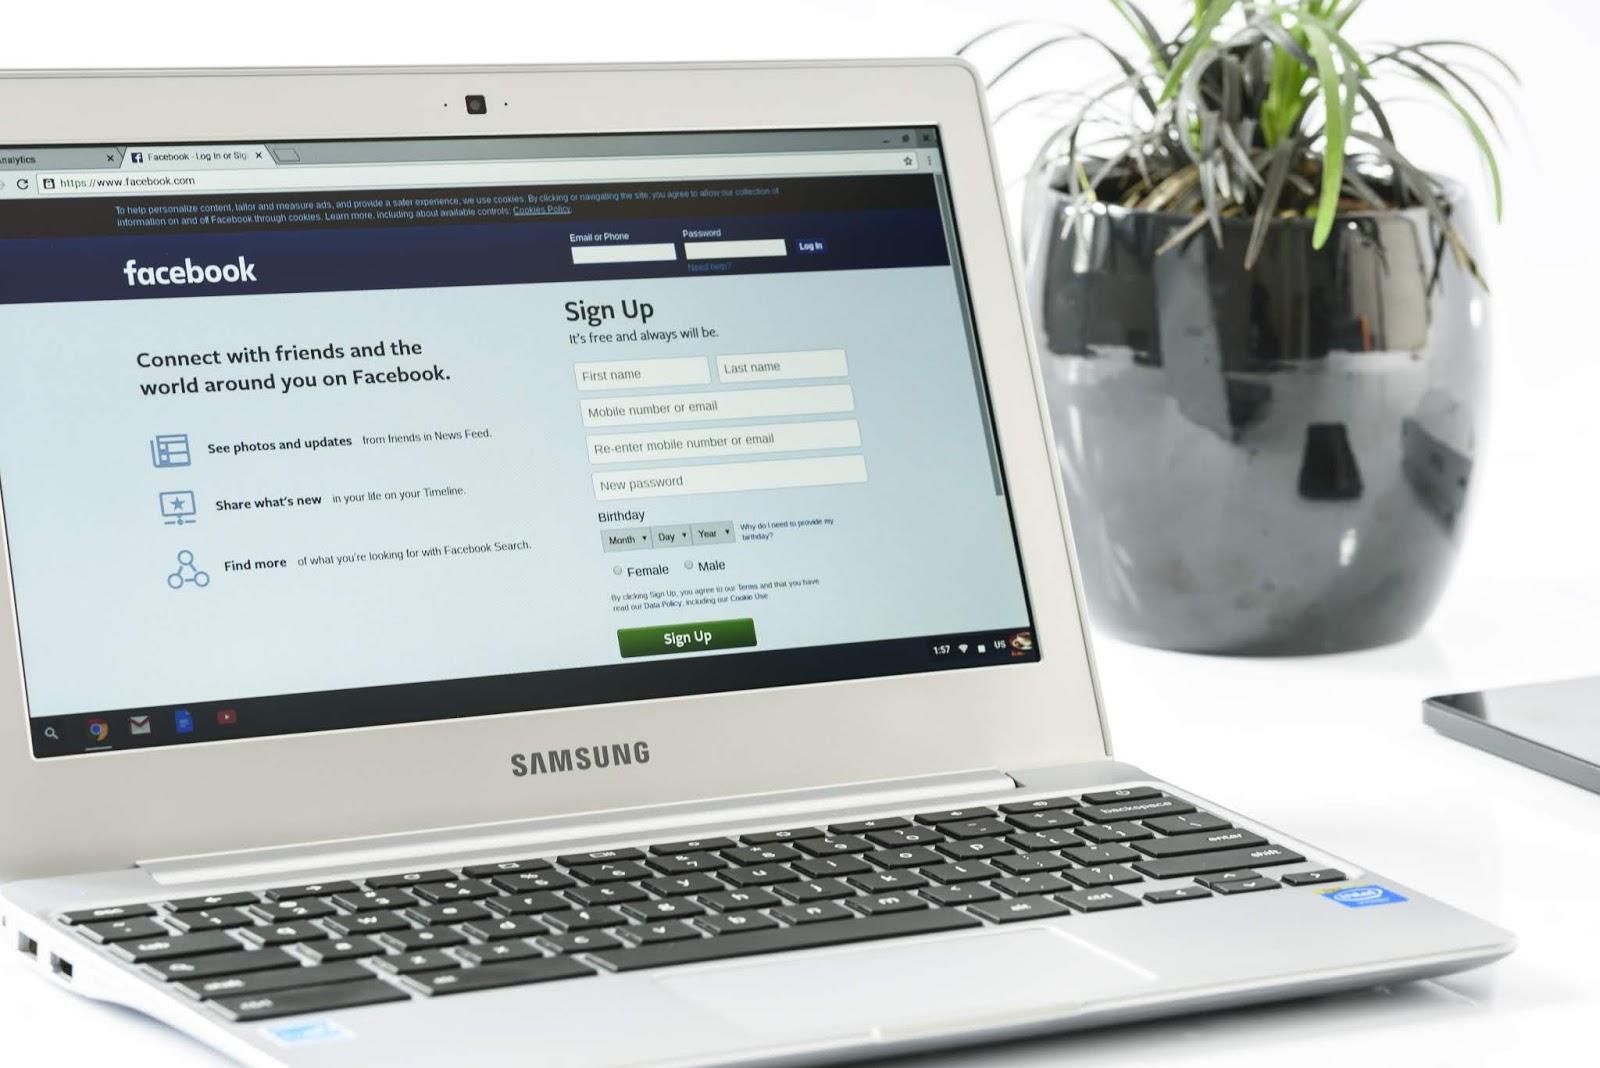 ملايين من مستخدمي فيسبوك أرقام الهواتف ما تزال مكشوفة !